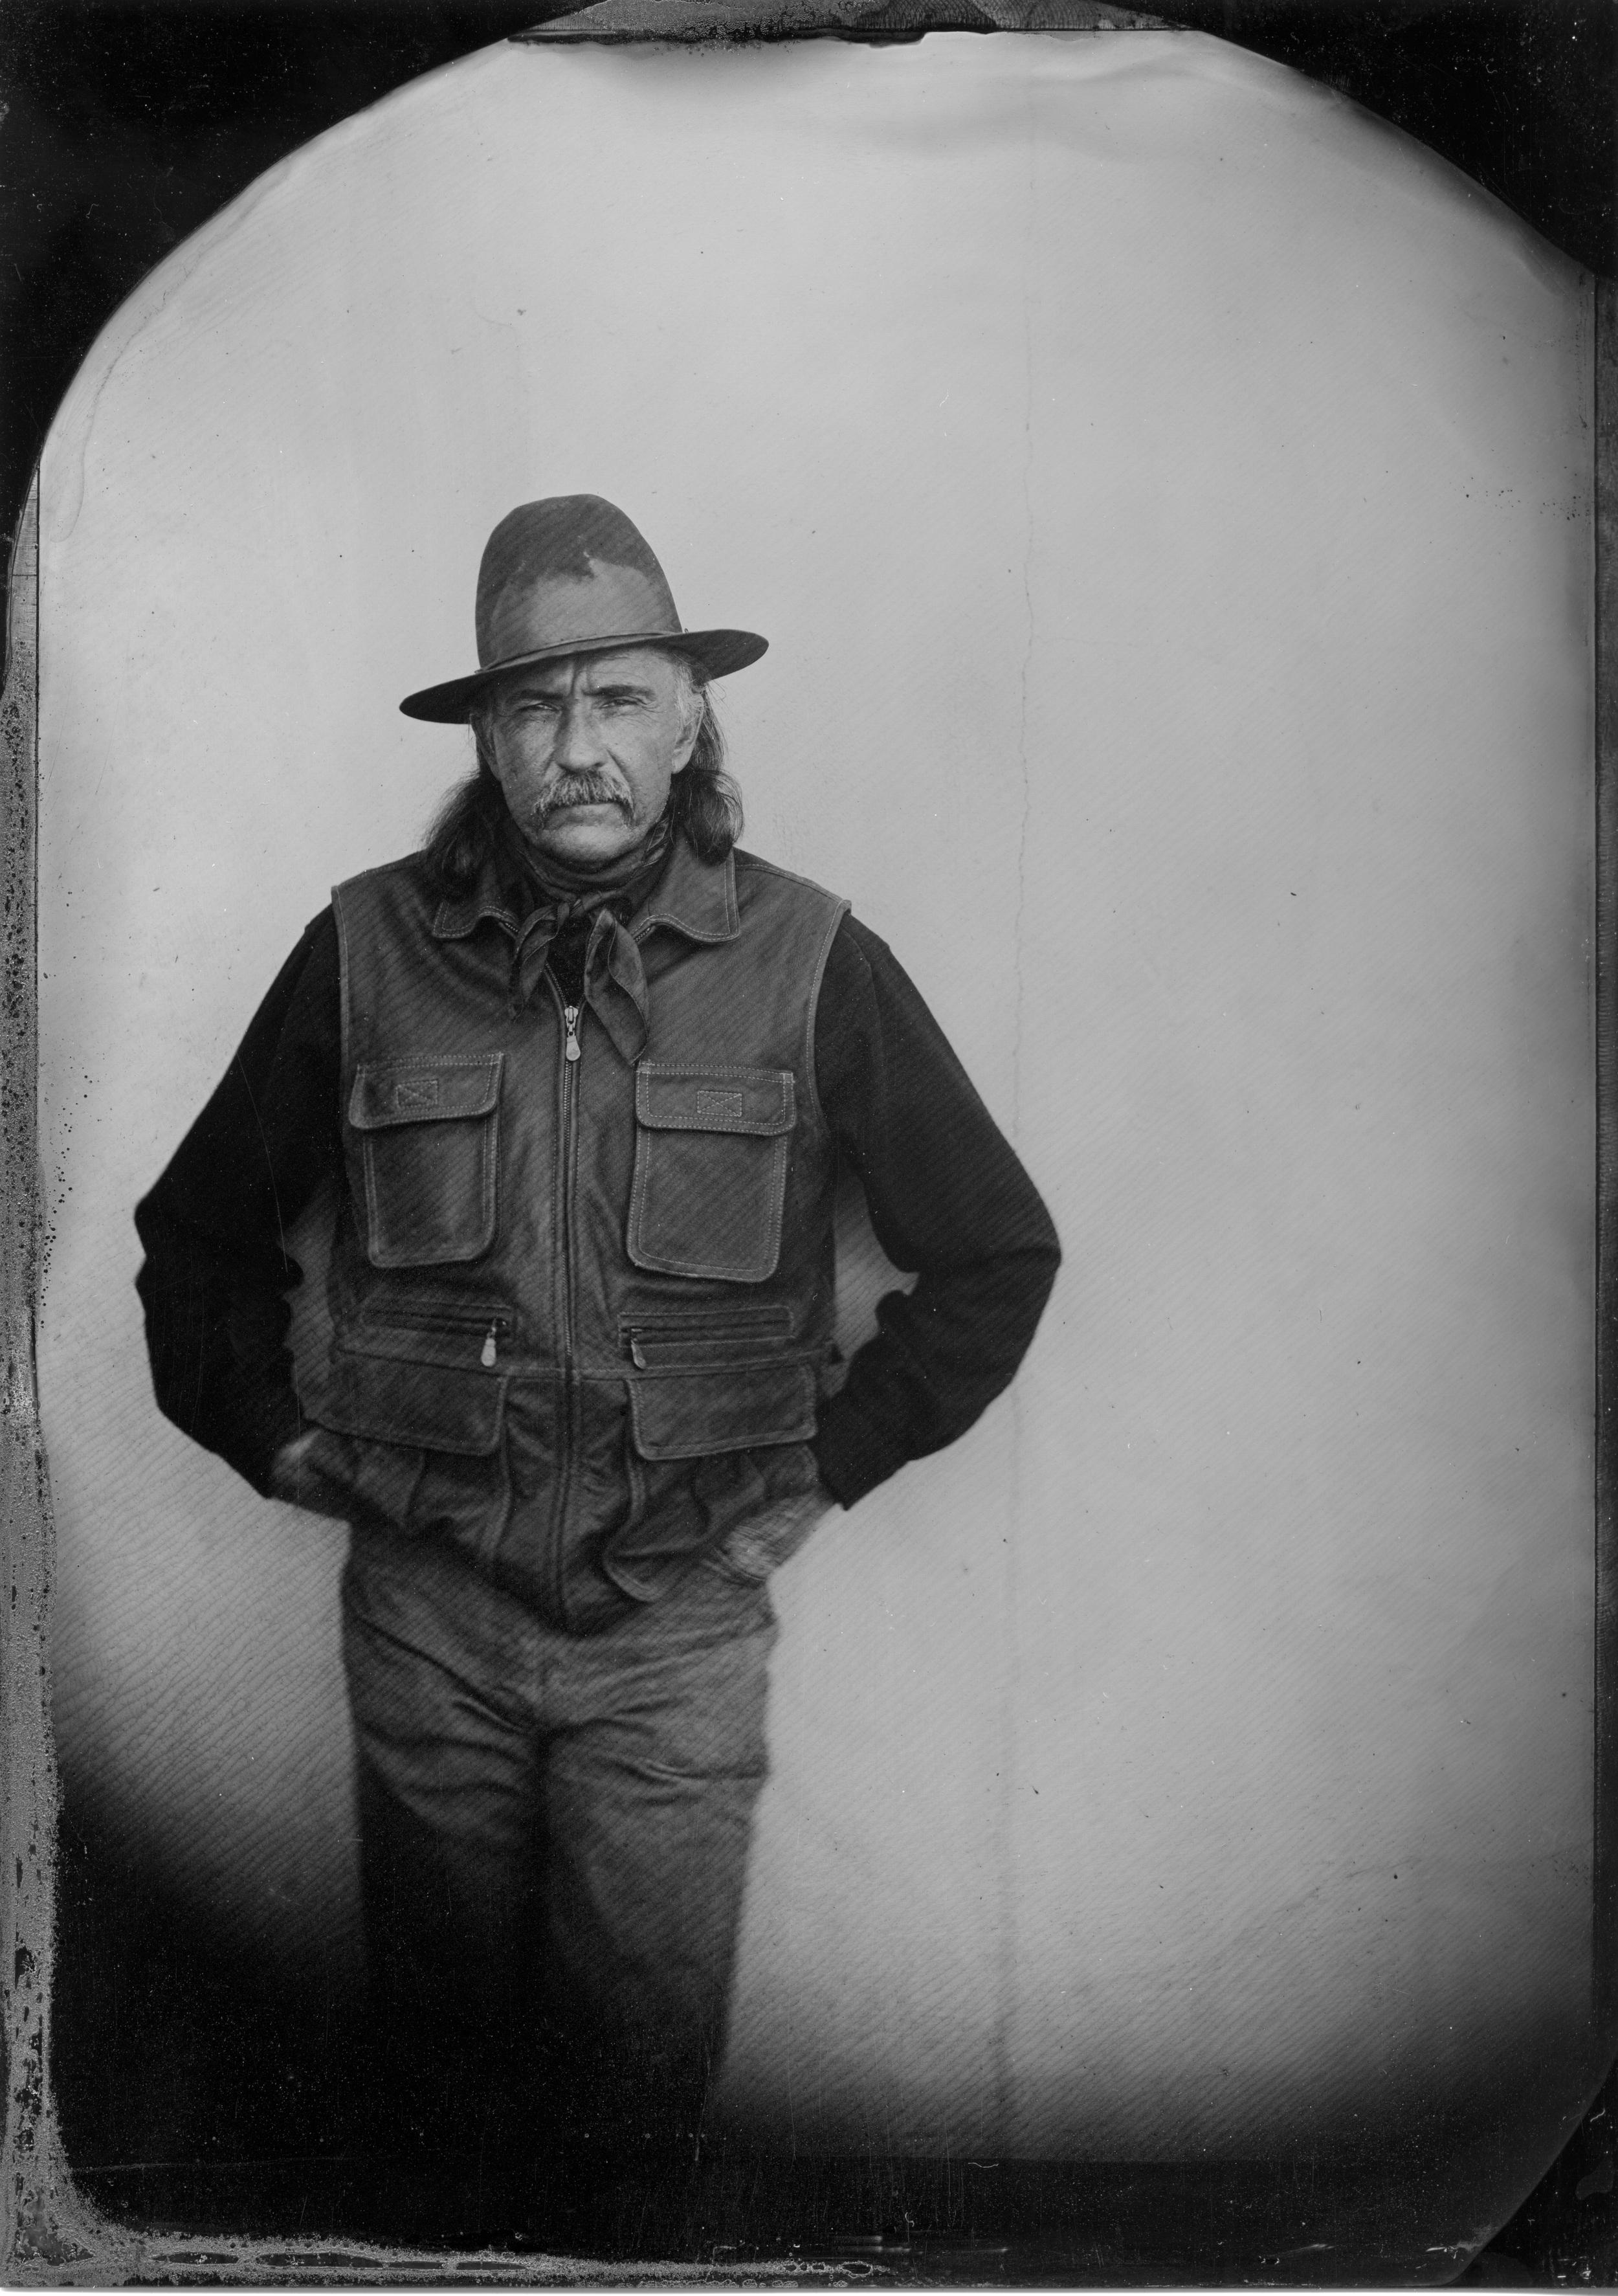 Wyman Meinzer Tintype by Rob Kendrick